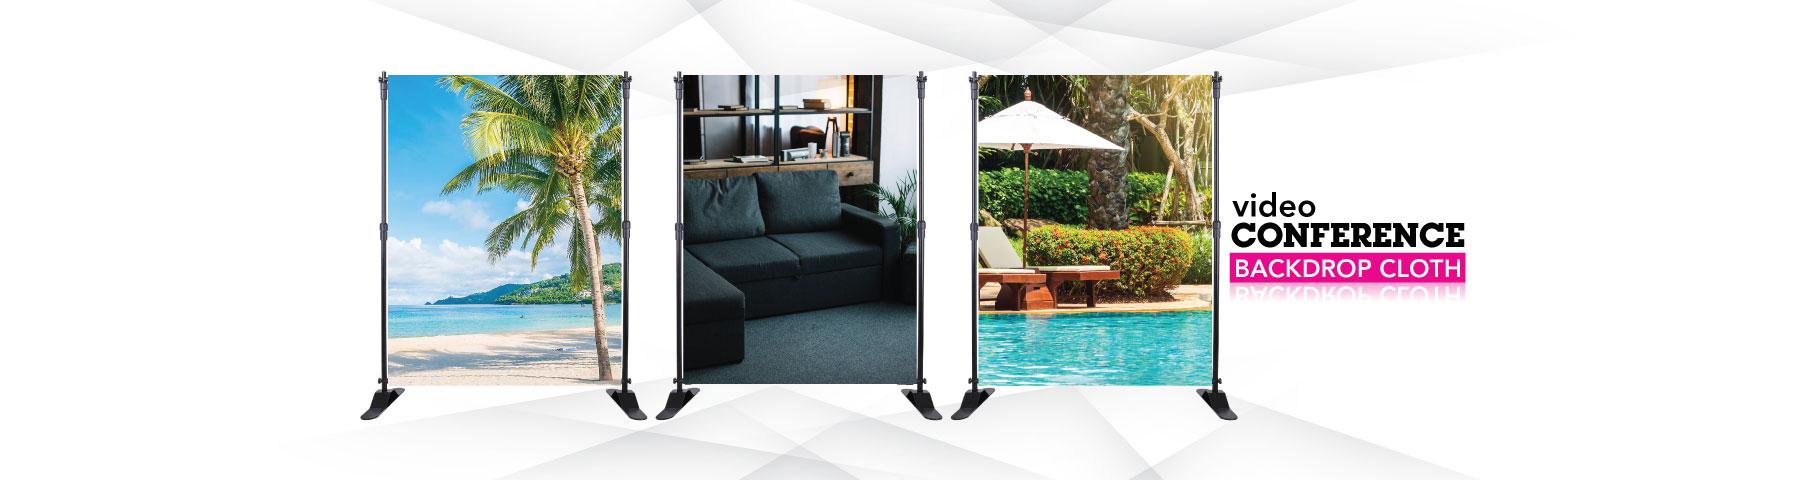 webbanner-videoconference-backdrop